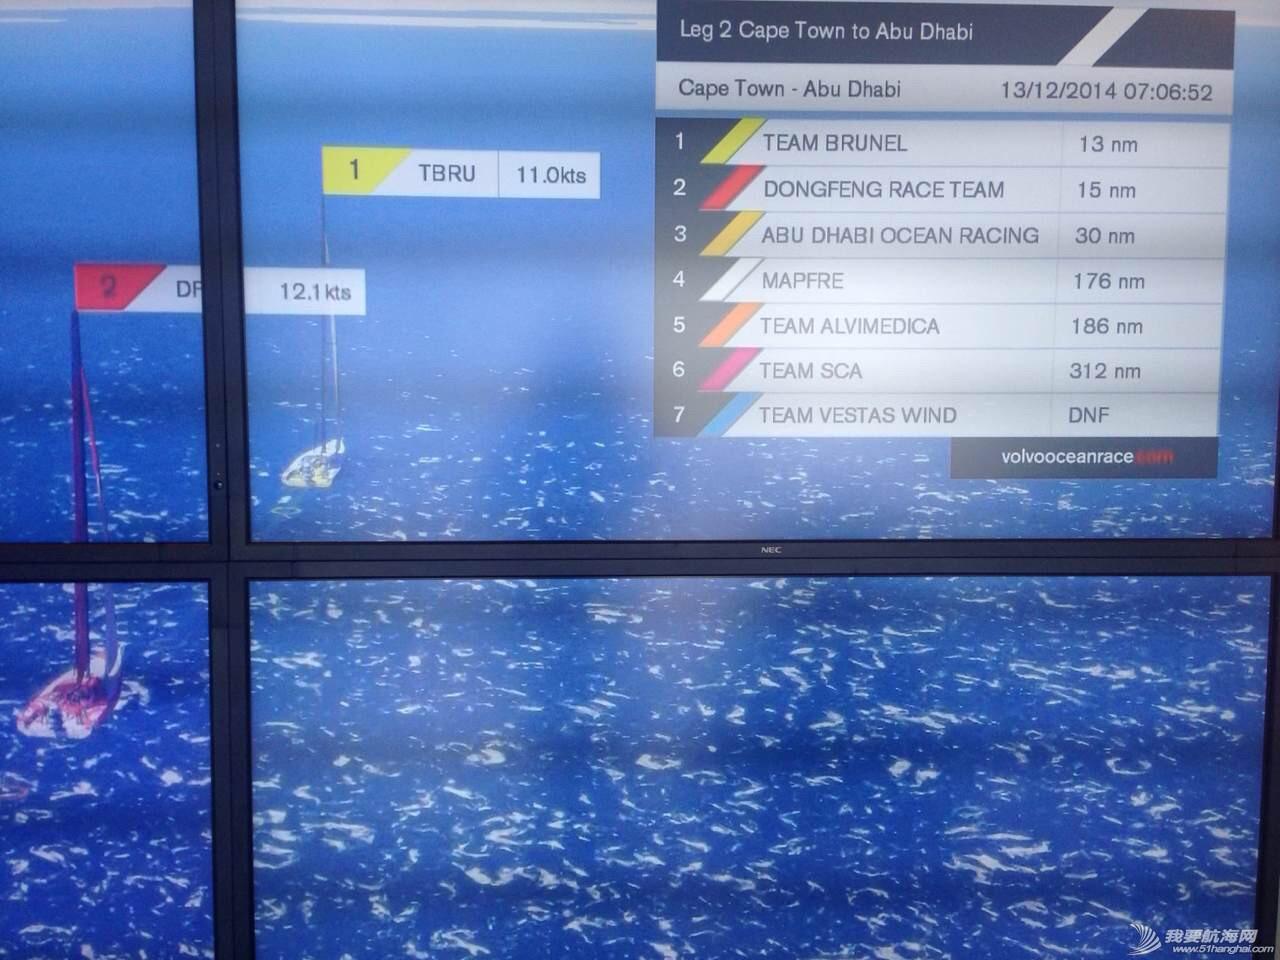 现场的赛事排名表,东风队位列第二